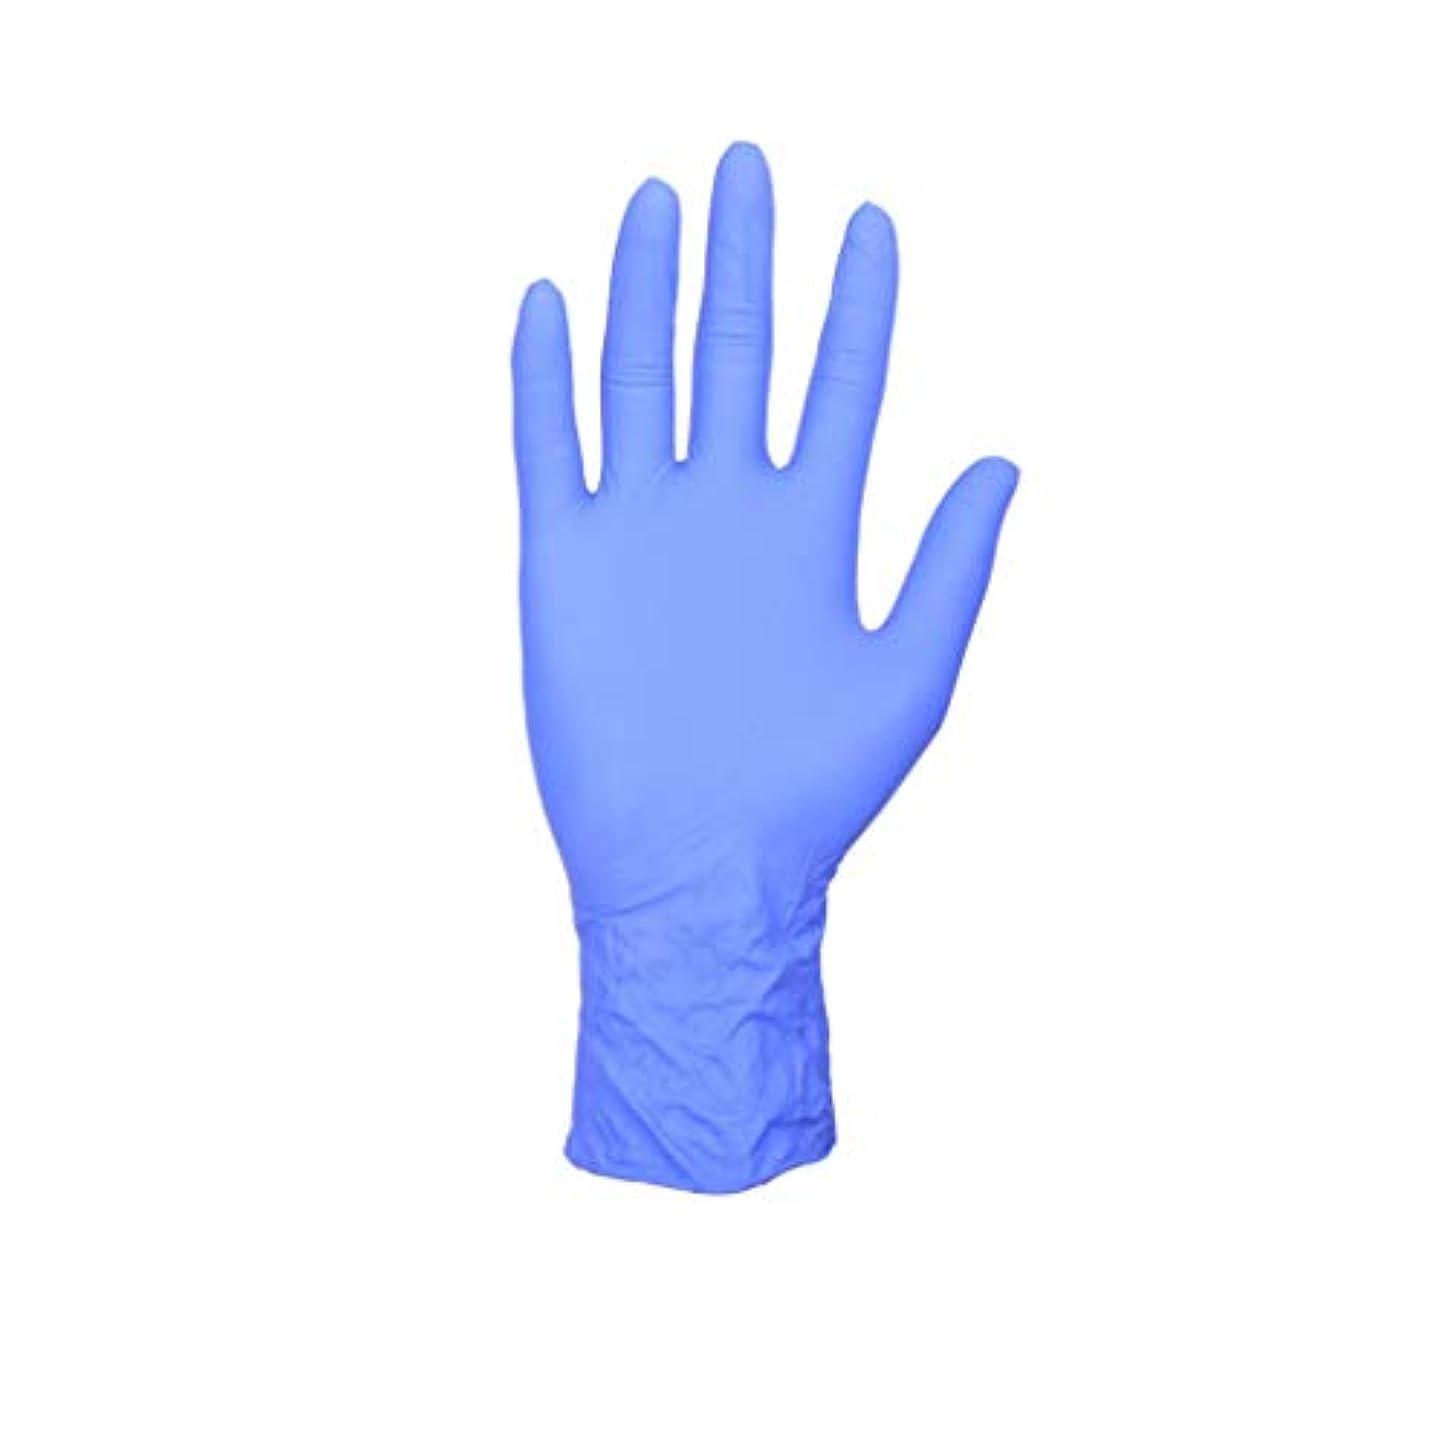 是正売る夢手袋、使い捨てゴム手袋、検査、丁清手袋、油と静電気防止手袋、ラテックス手袋100ペア。 (サイズ さいず : L l, UnitCount : 100 pairs)